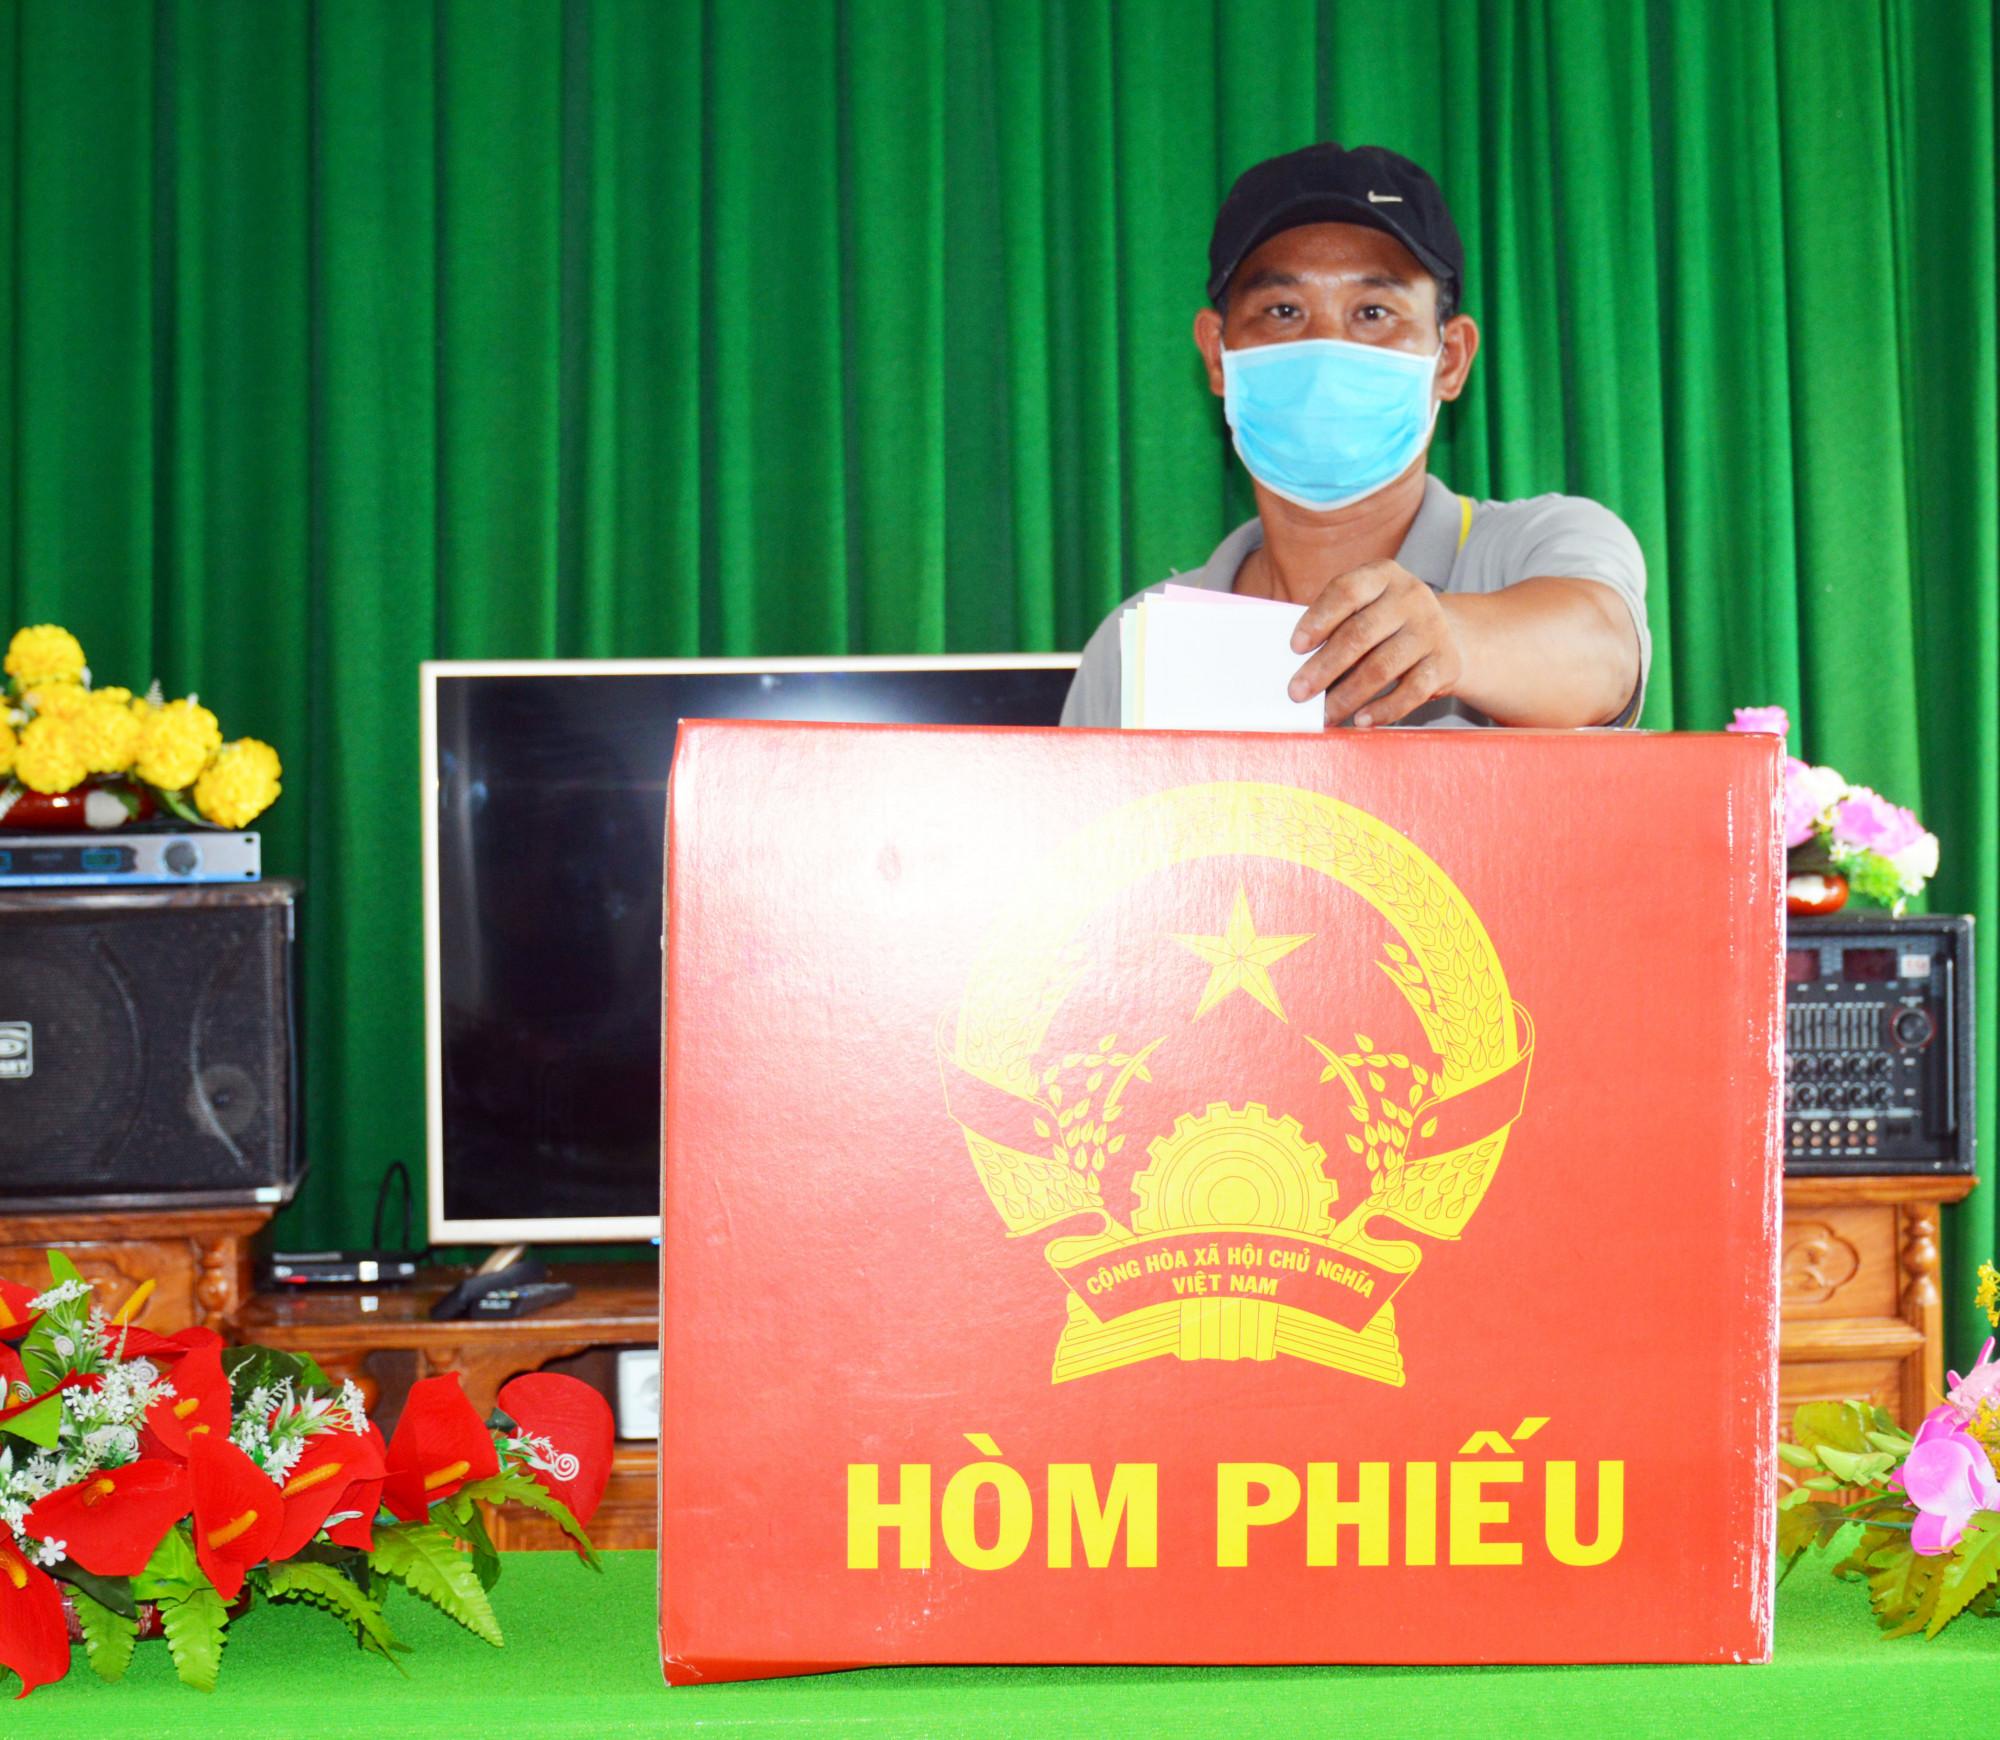 Cử tri Trần Hoàng Giang ở đảo Hòn Chuối mong muốn lựa chọn người có tâm, có tầm. Ảnh: An Khương.